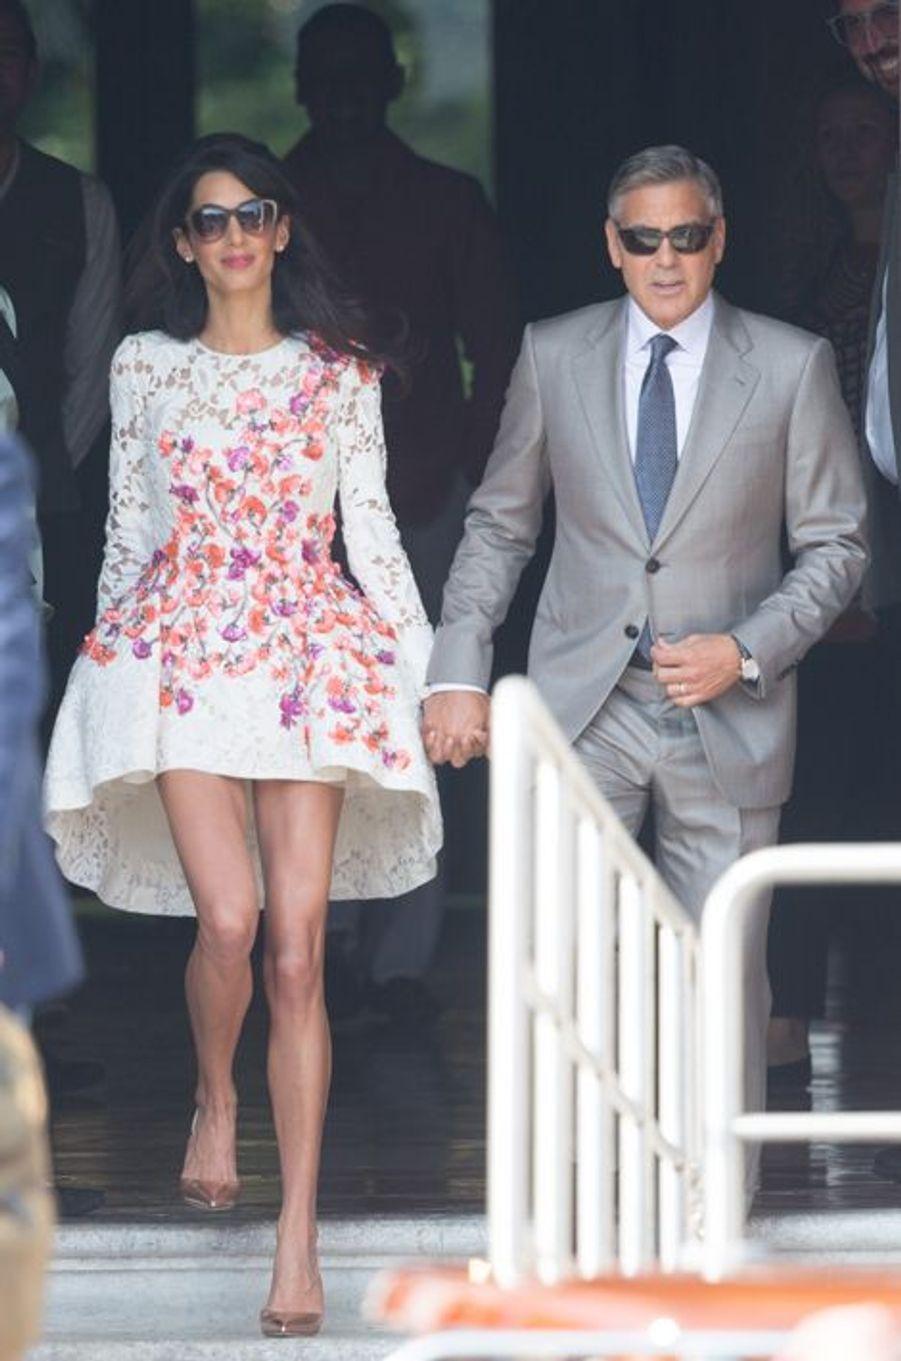 Les tenues portées par Amal Alamuddin avant son mariage à George Clooney (ici, Giambattista Valli)